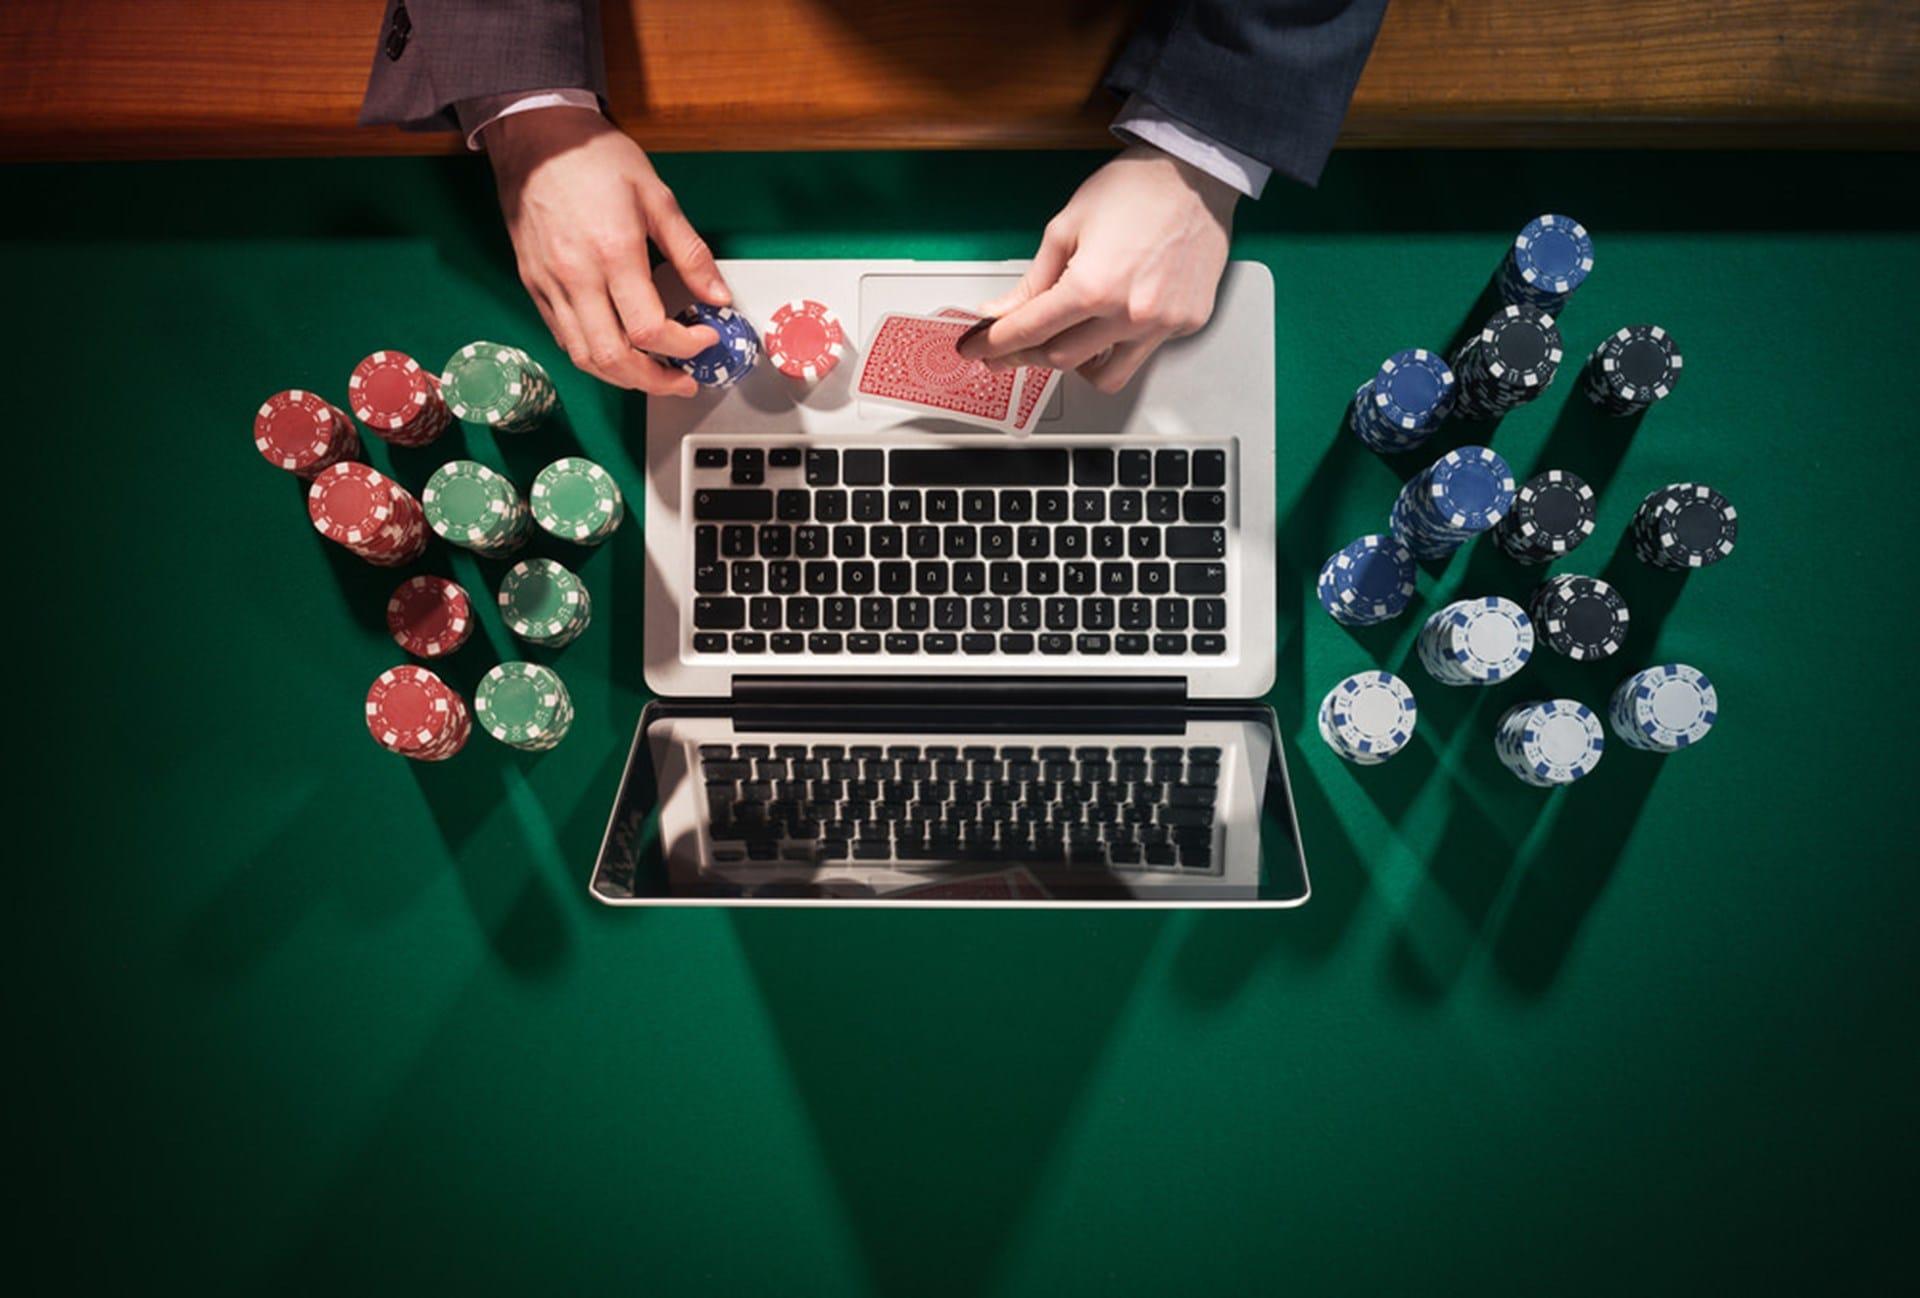 Onling gambling